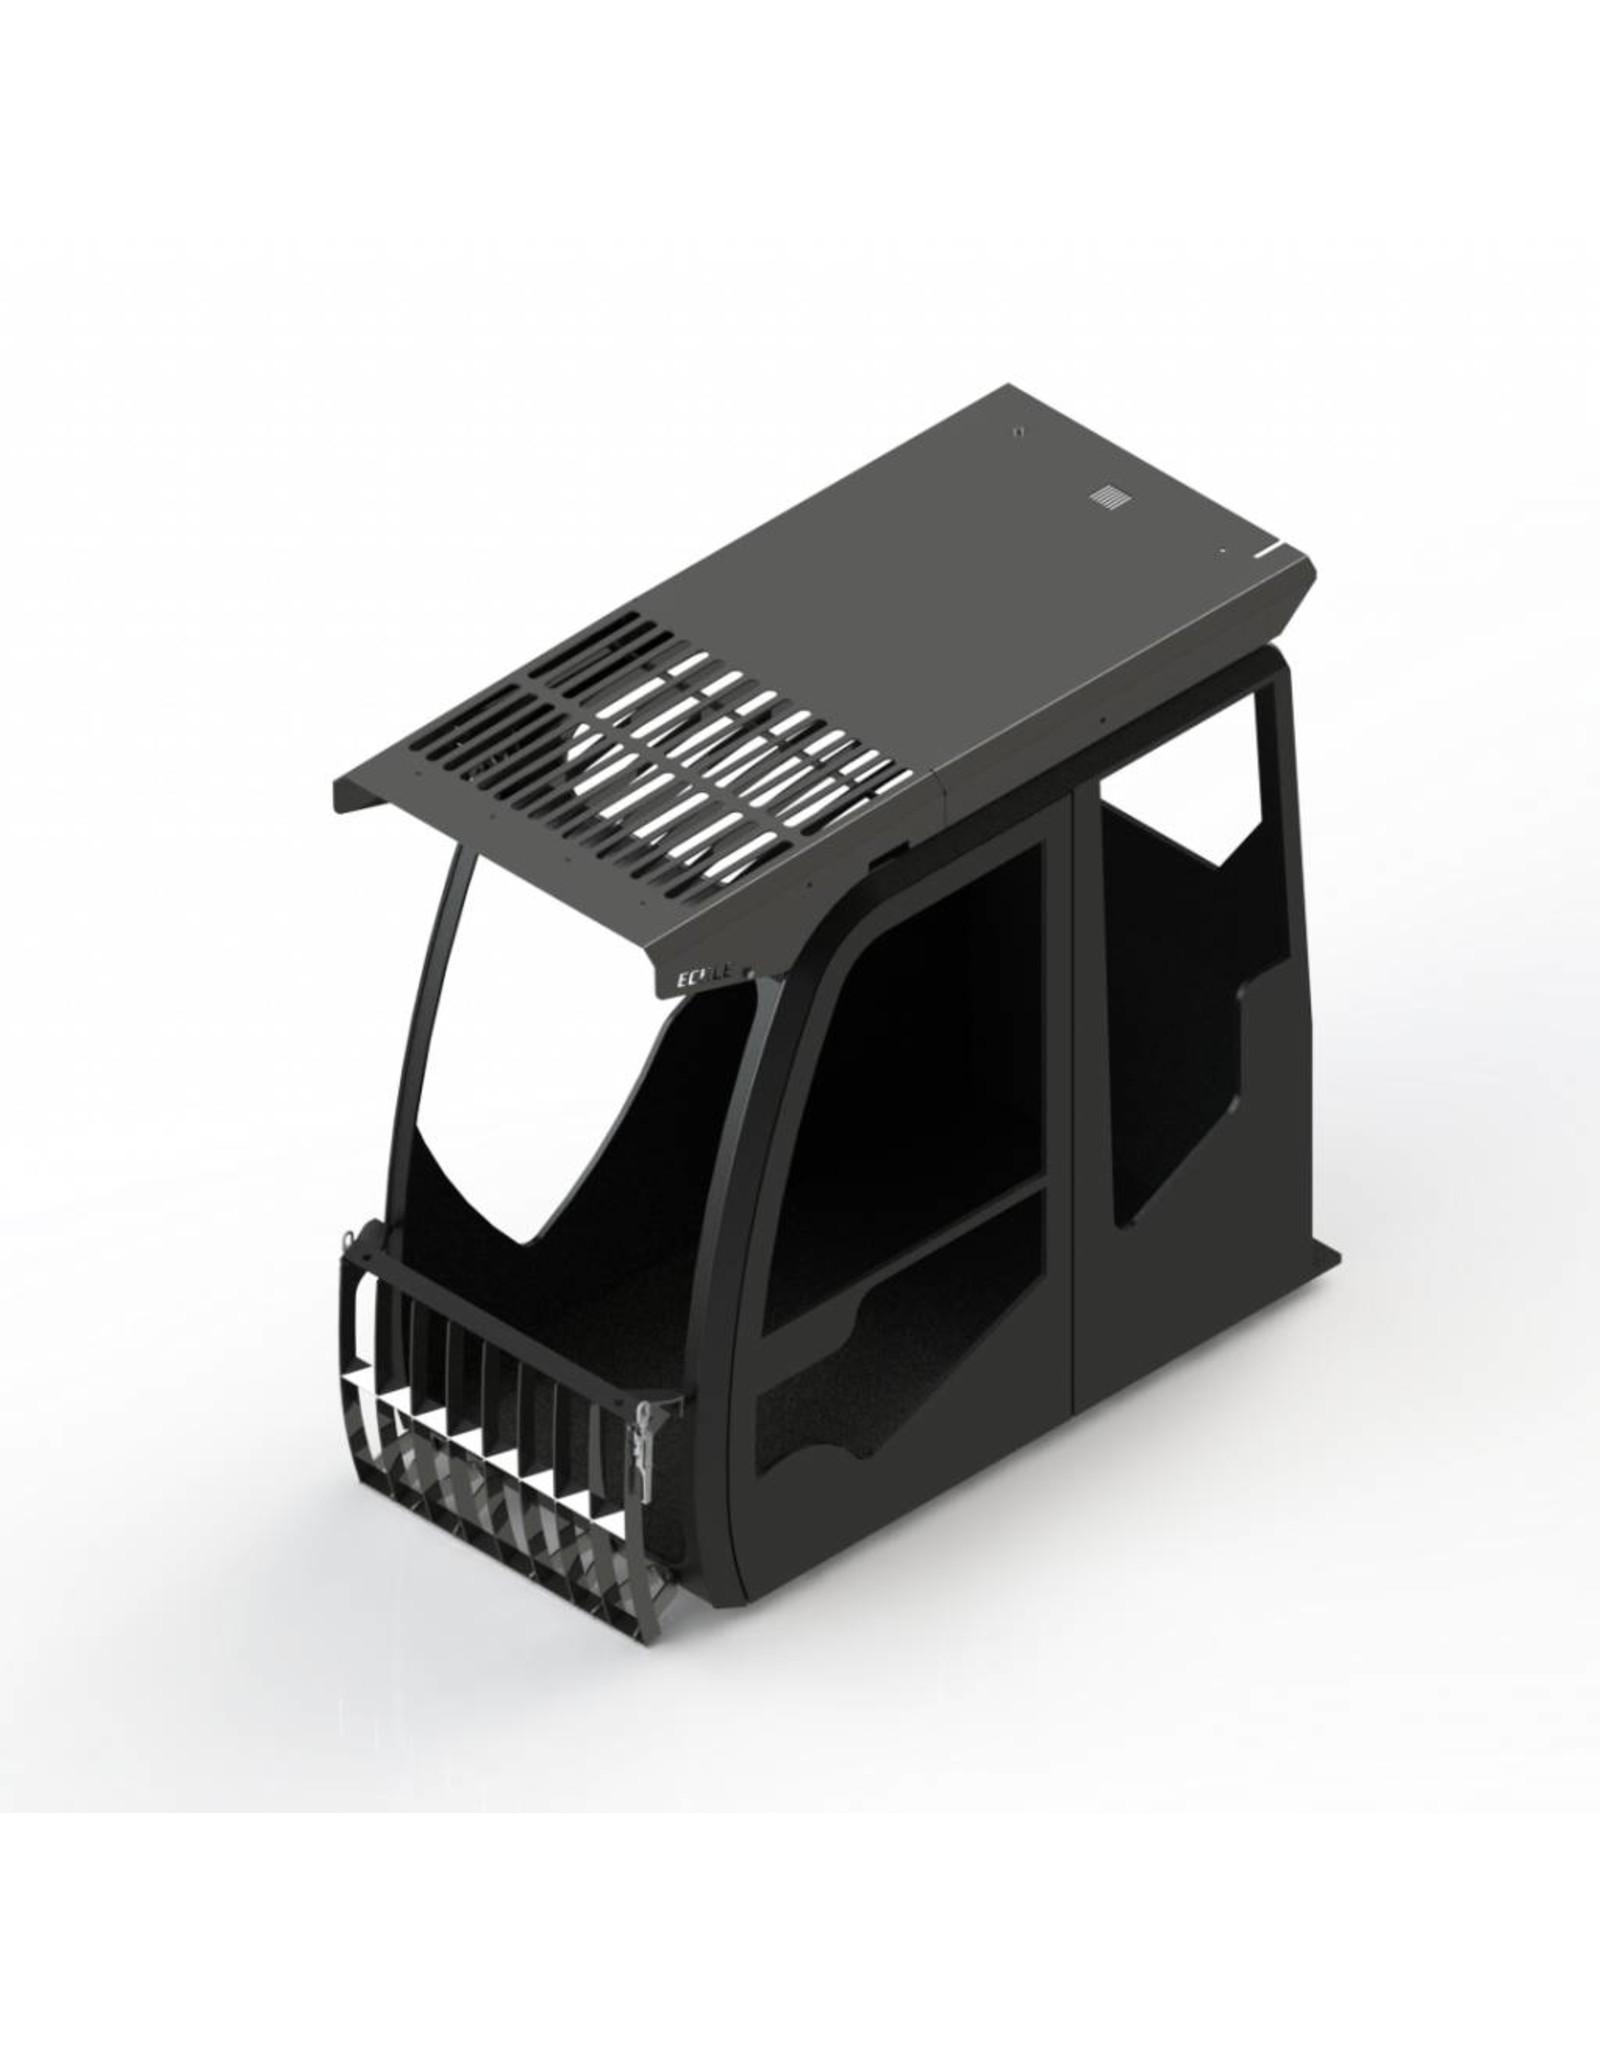 Echle Hartstahl GmbH FOPS pour Doosan DX300LC-5